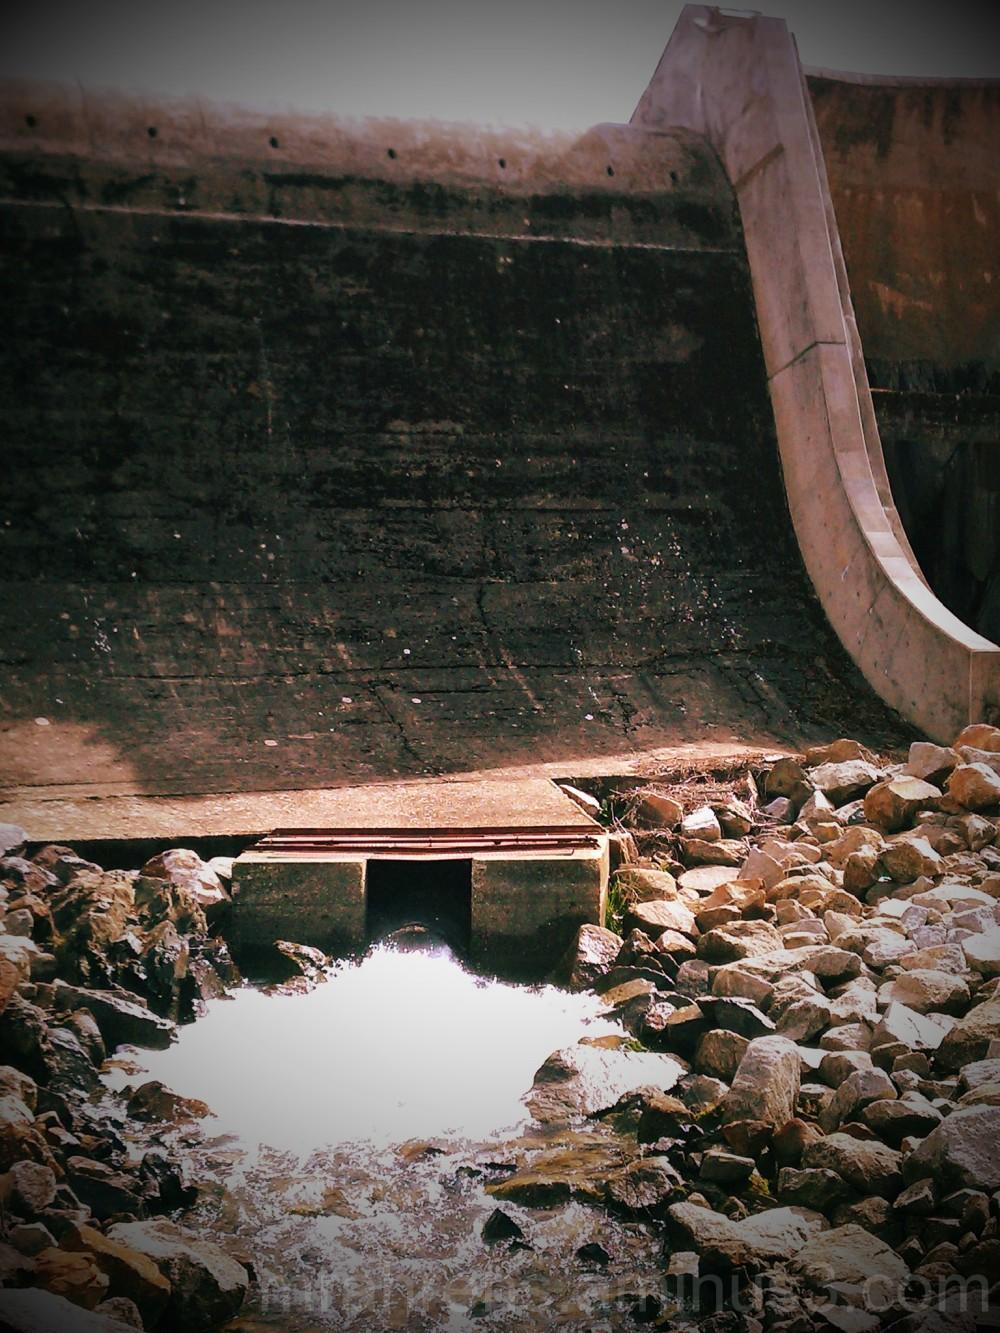 Spillway of multiple-arch buttress dam